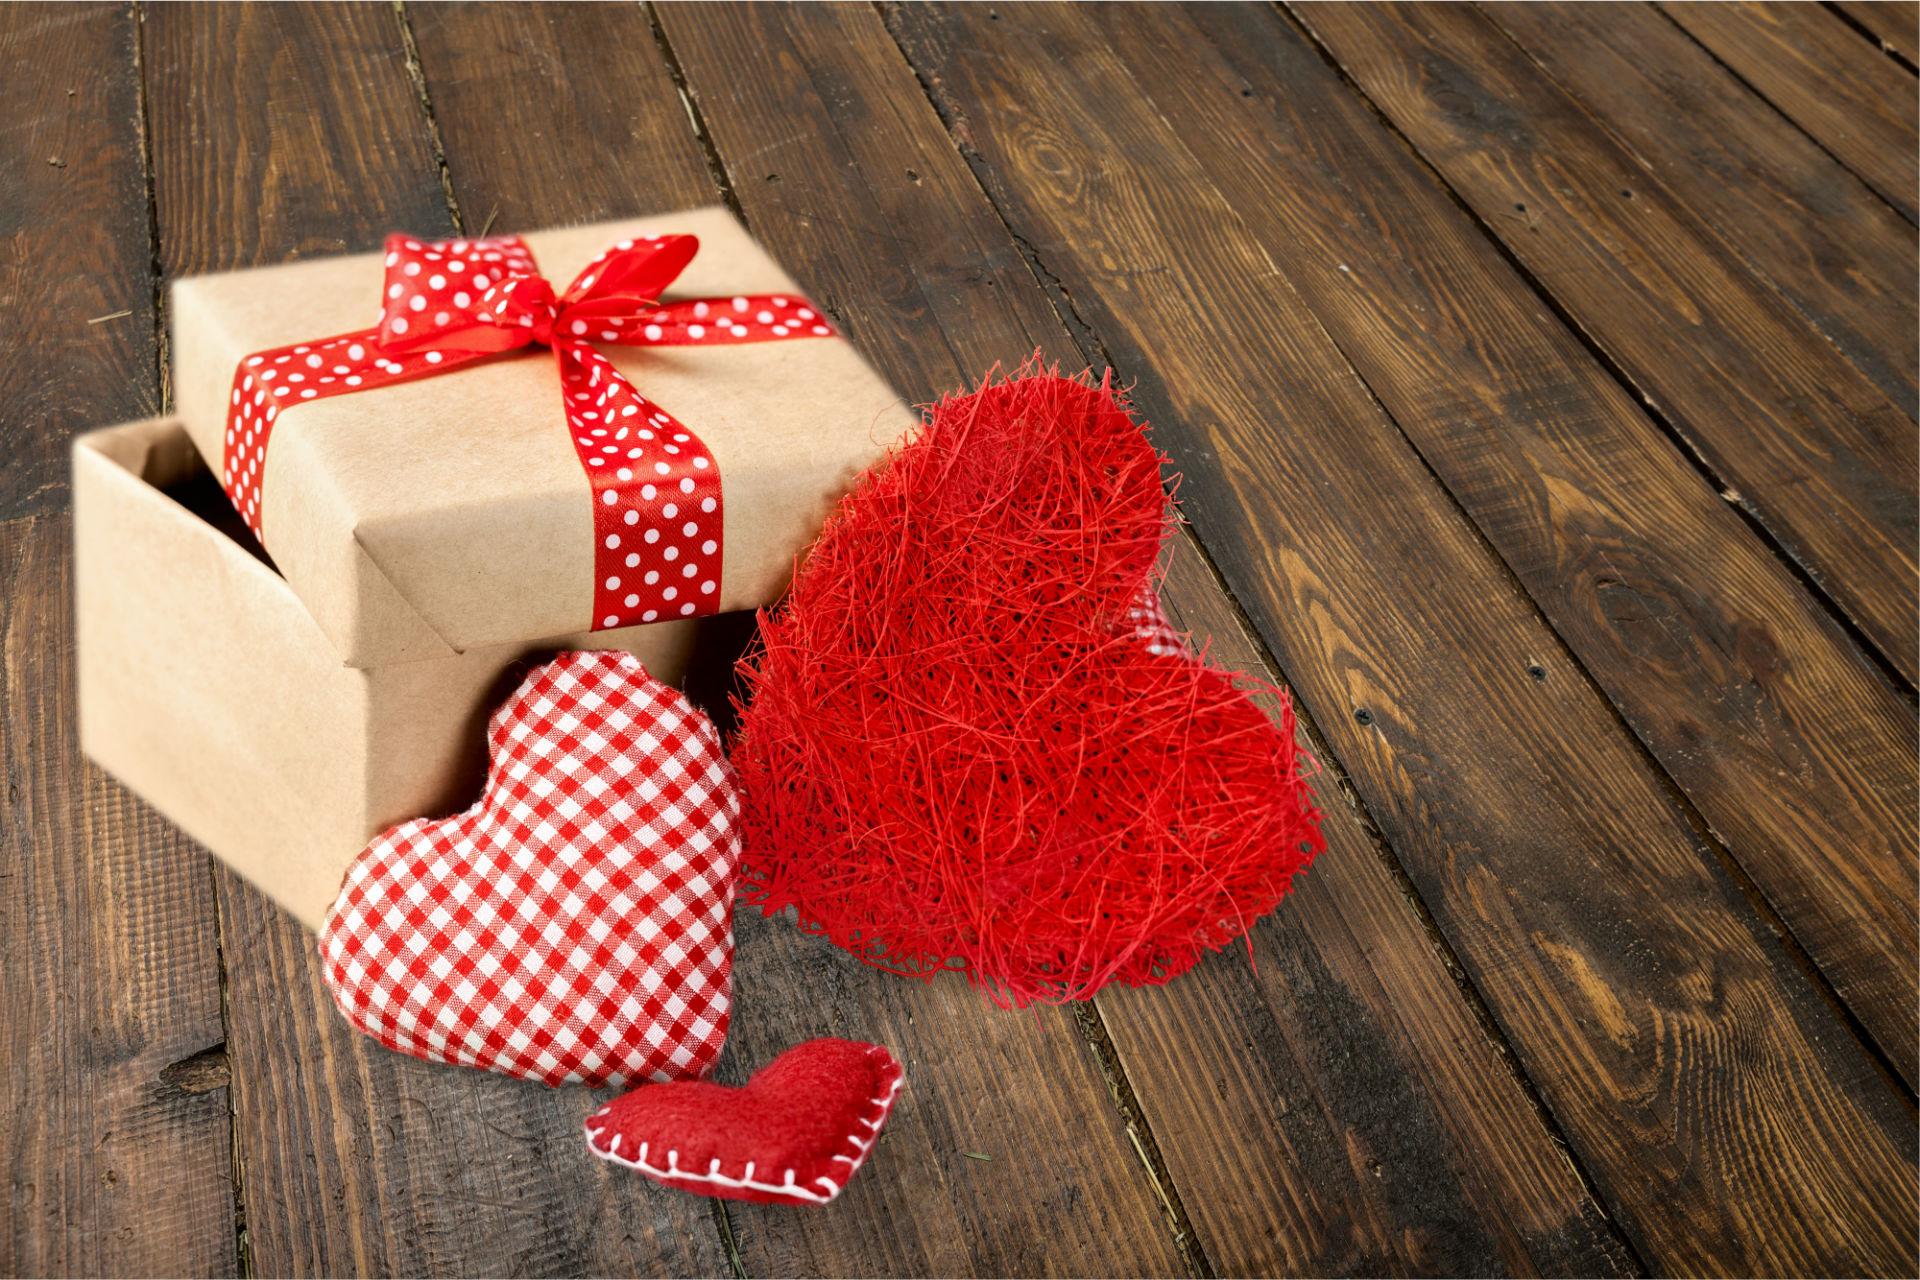 Auguri di buon san valentino attimi aforismi e frasi celebri for Pensierini di san valentino